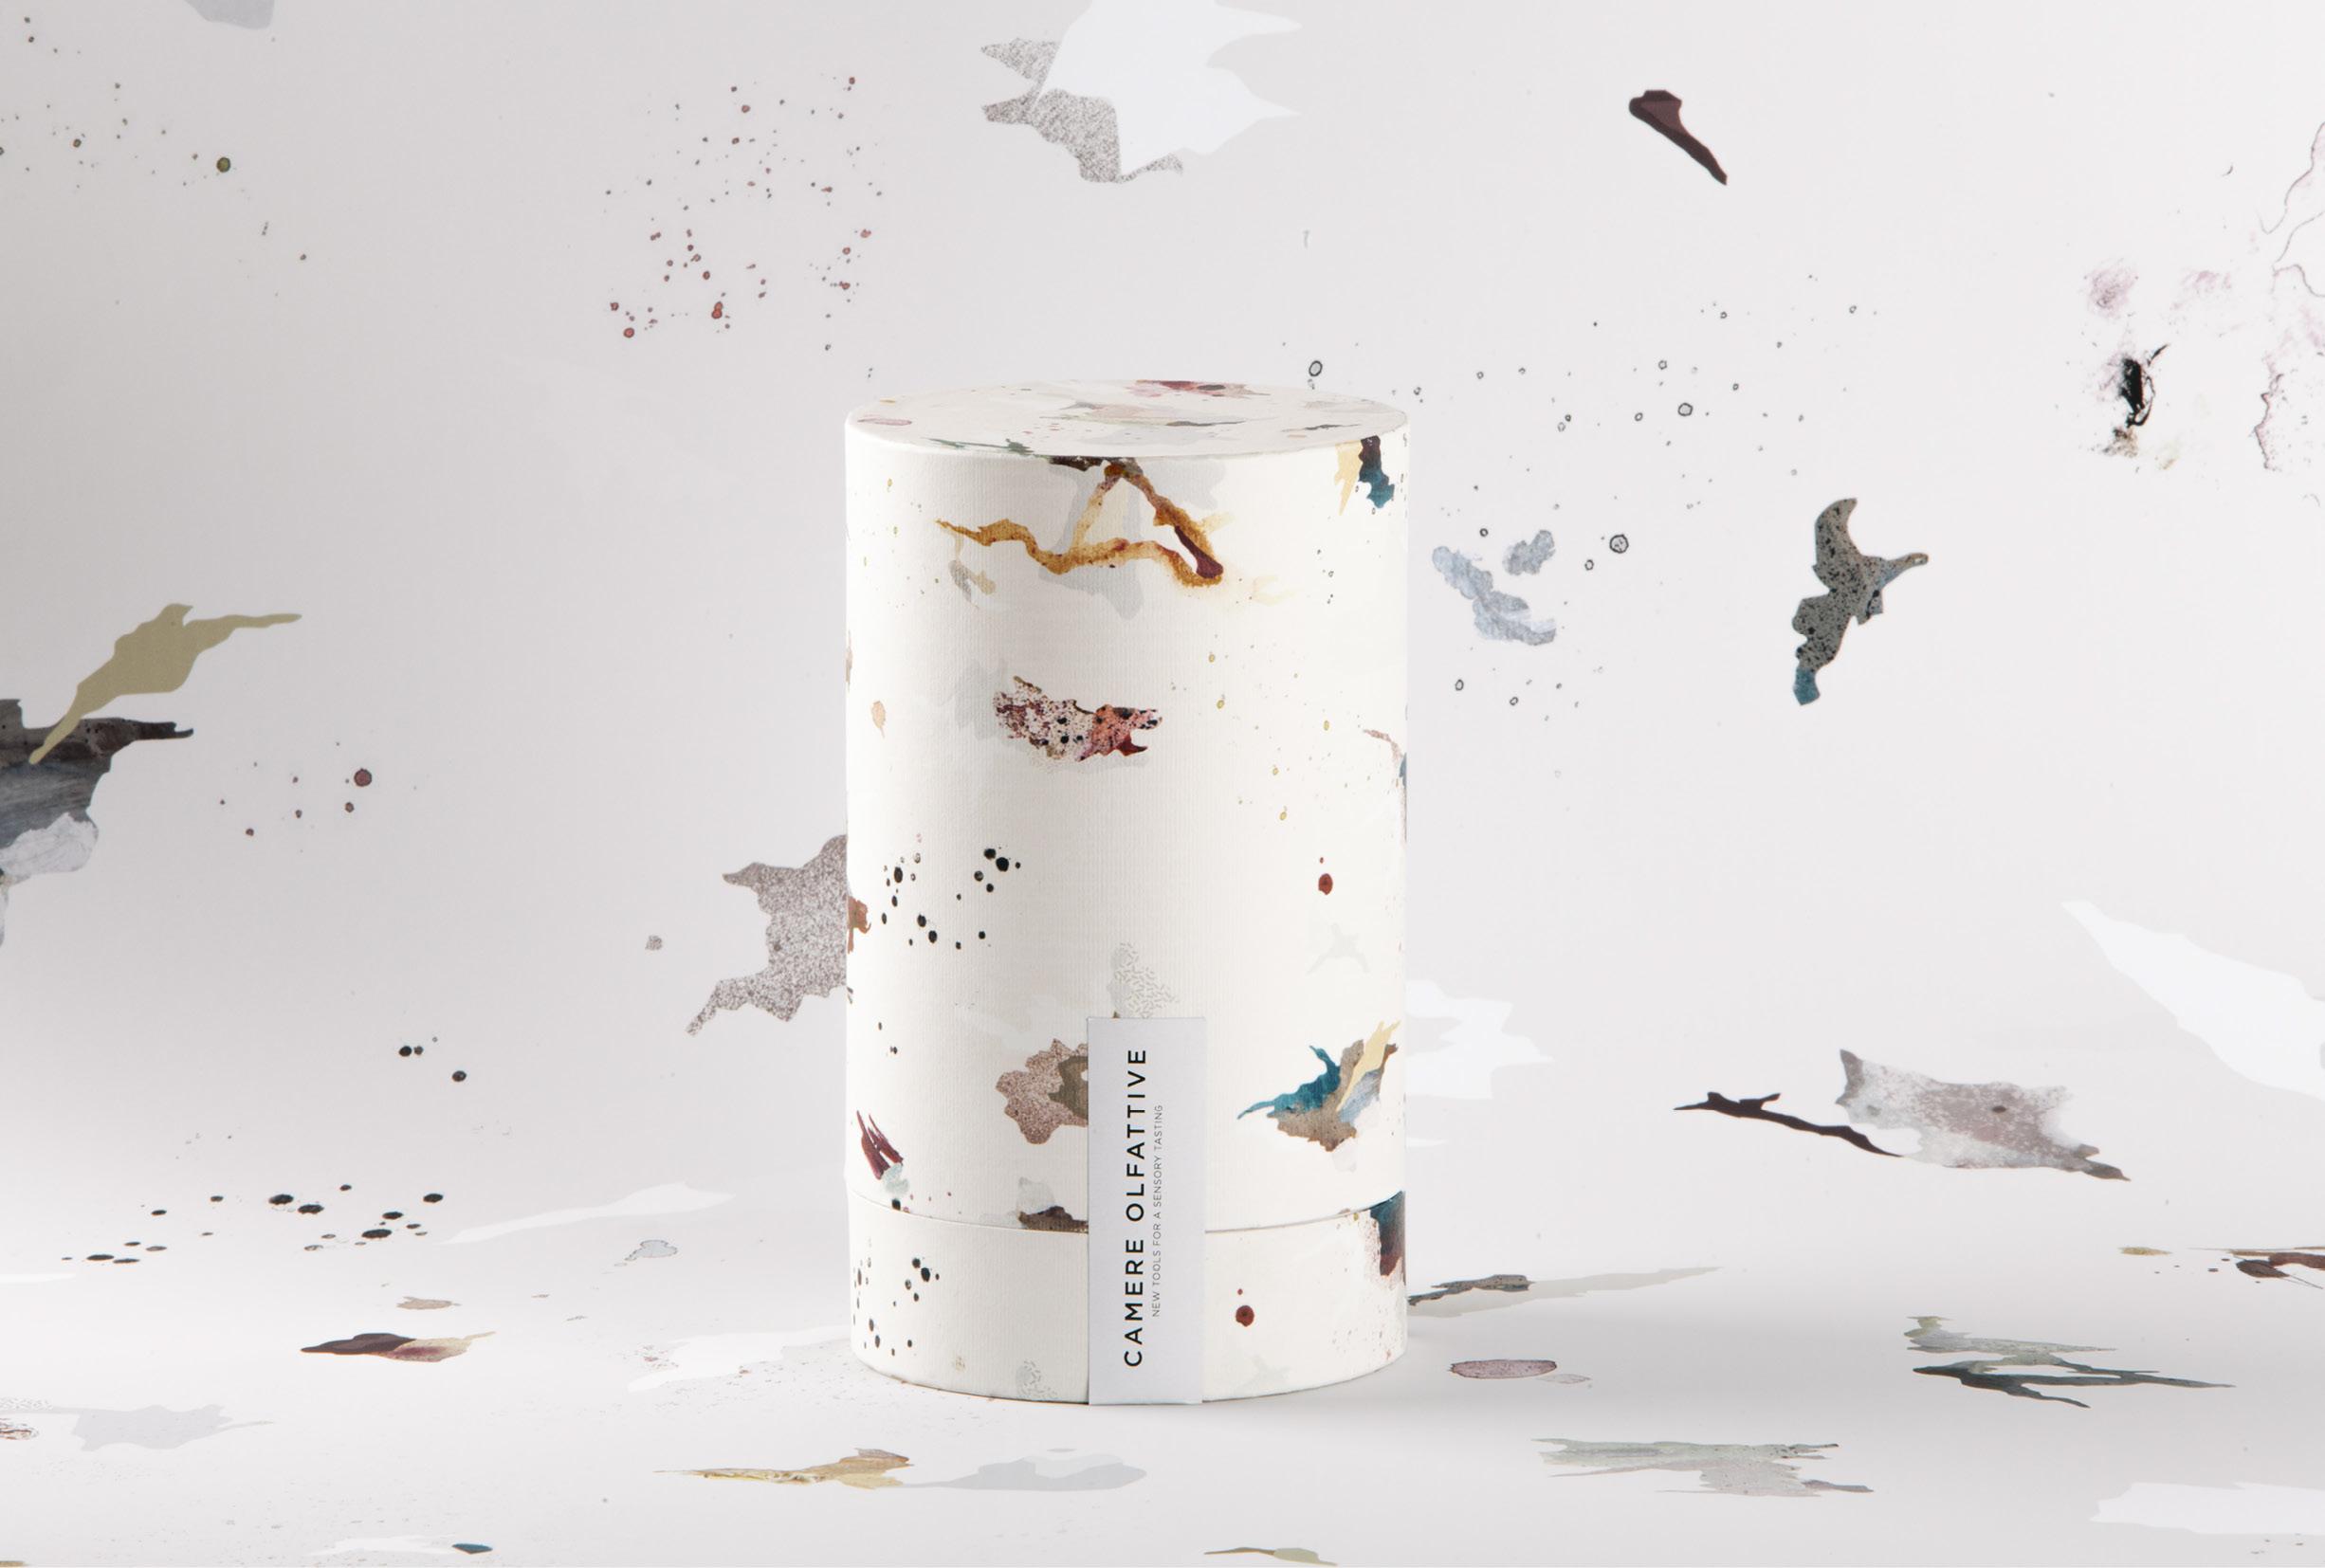 Packaging Camere Olfattive-包装可以识别一些香味醋,雾化油,酒和威士忌污渍---酷图编号1199407